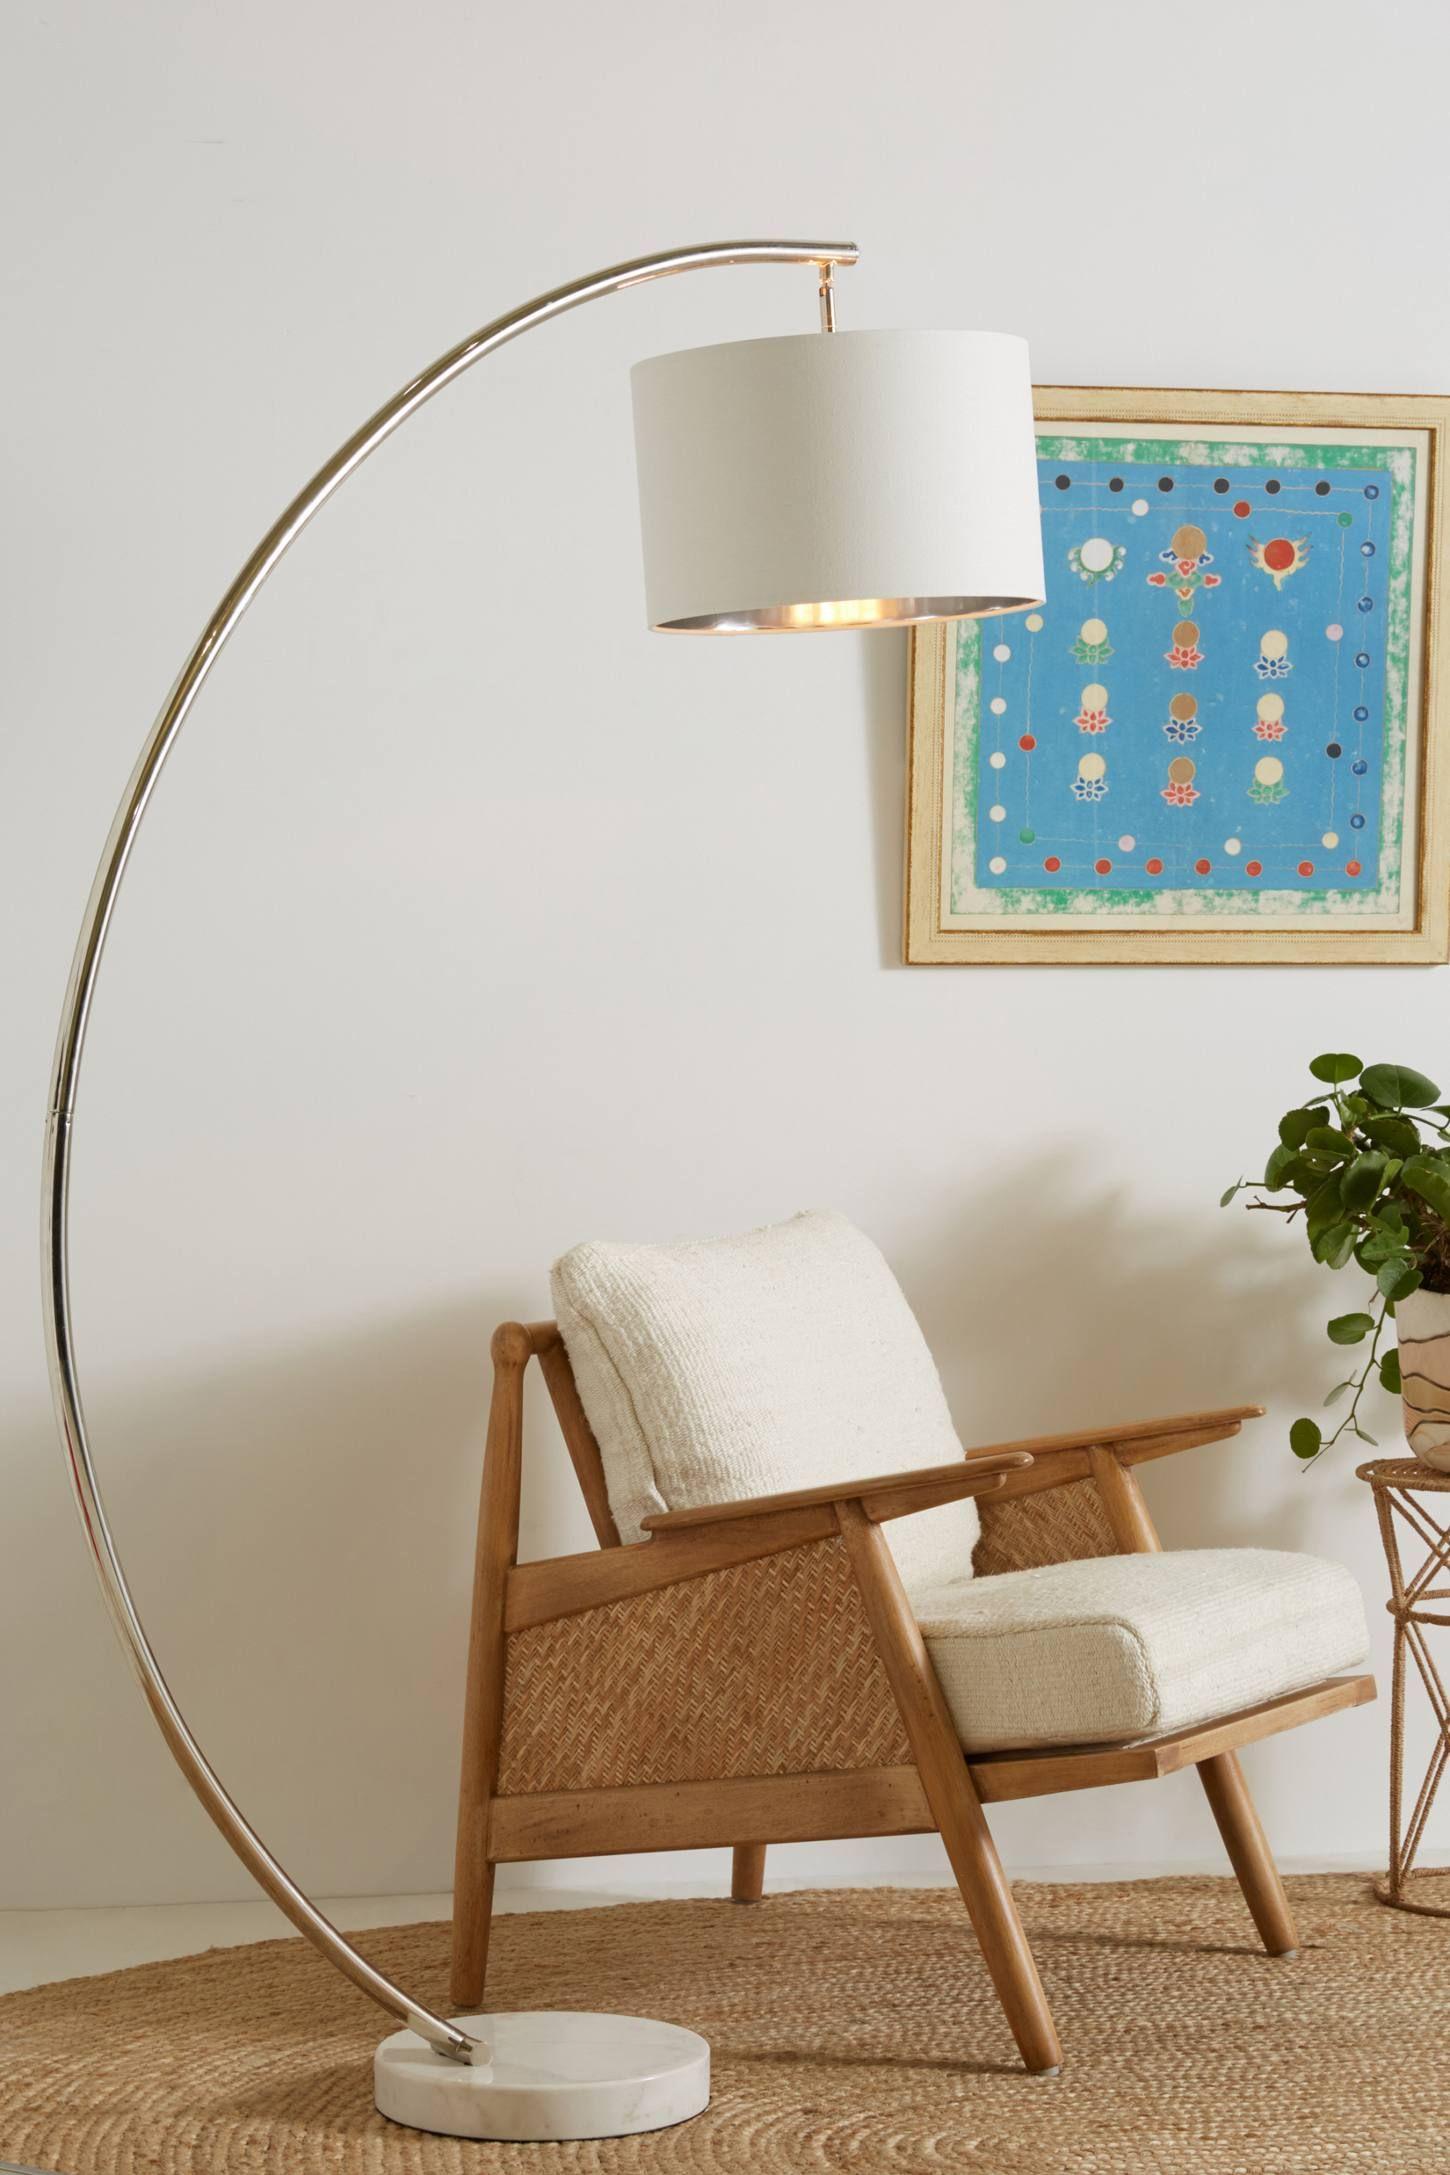 Luna Floor Lamp Floor Lamps Living Room Contemporary Home Decor Contemporary Floor Lamps